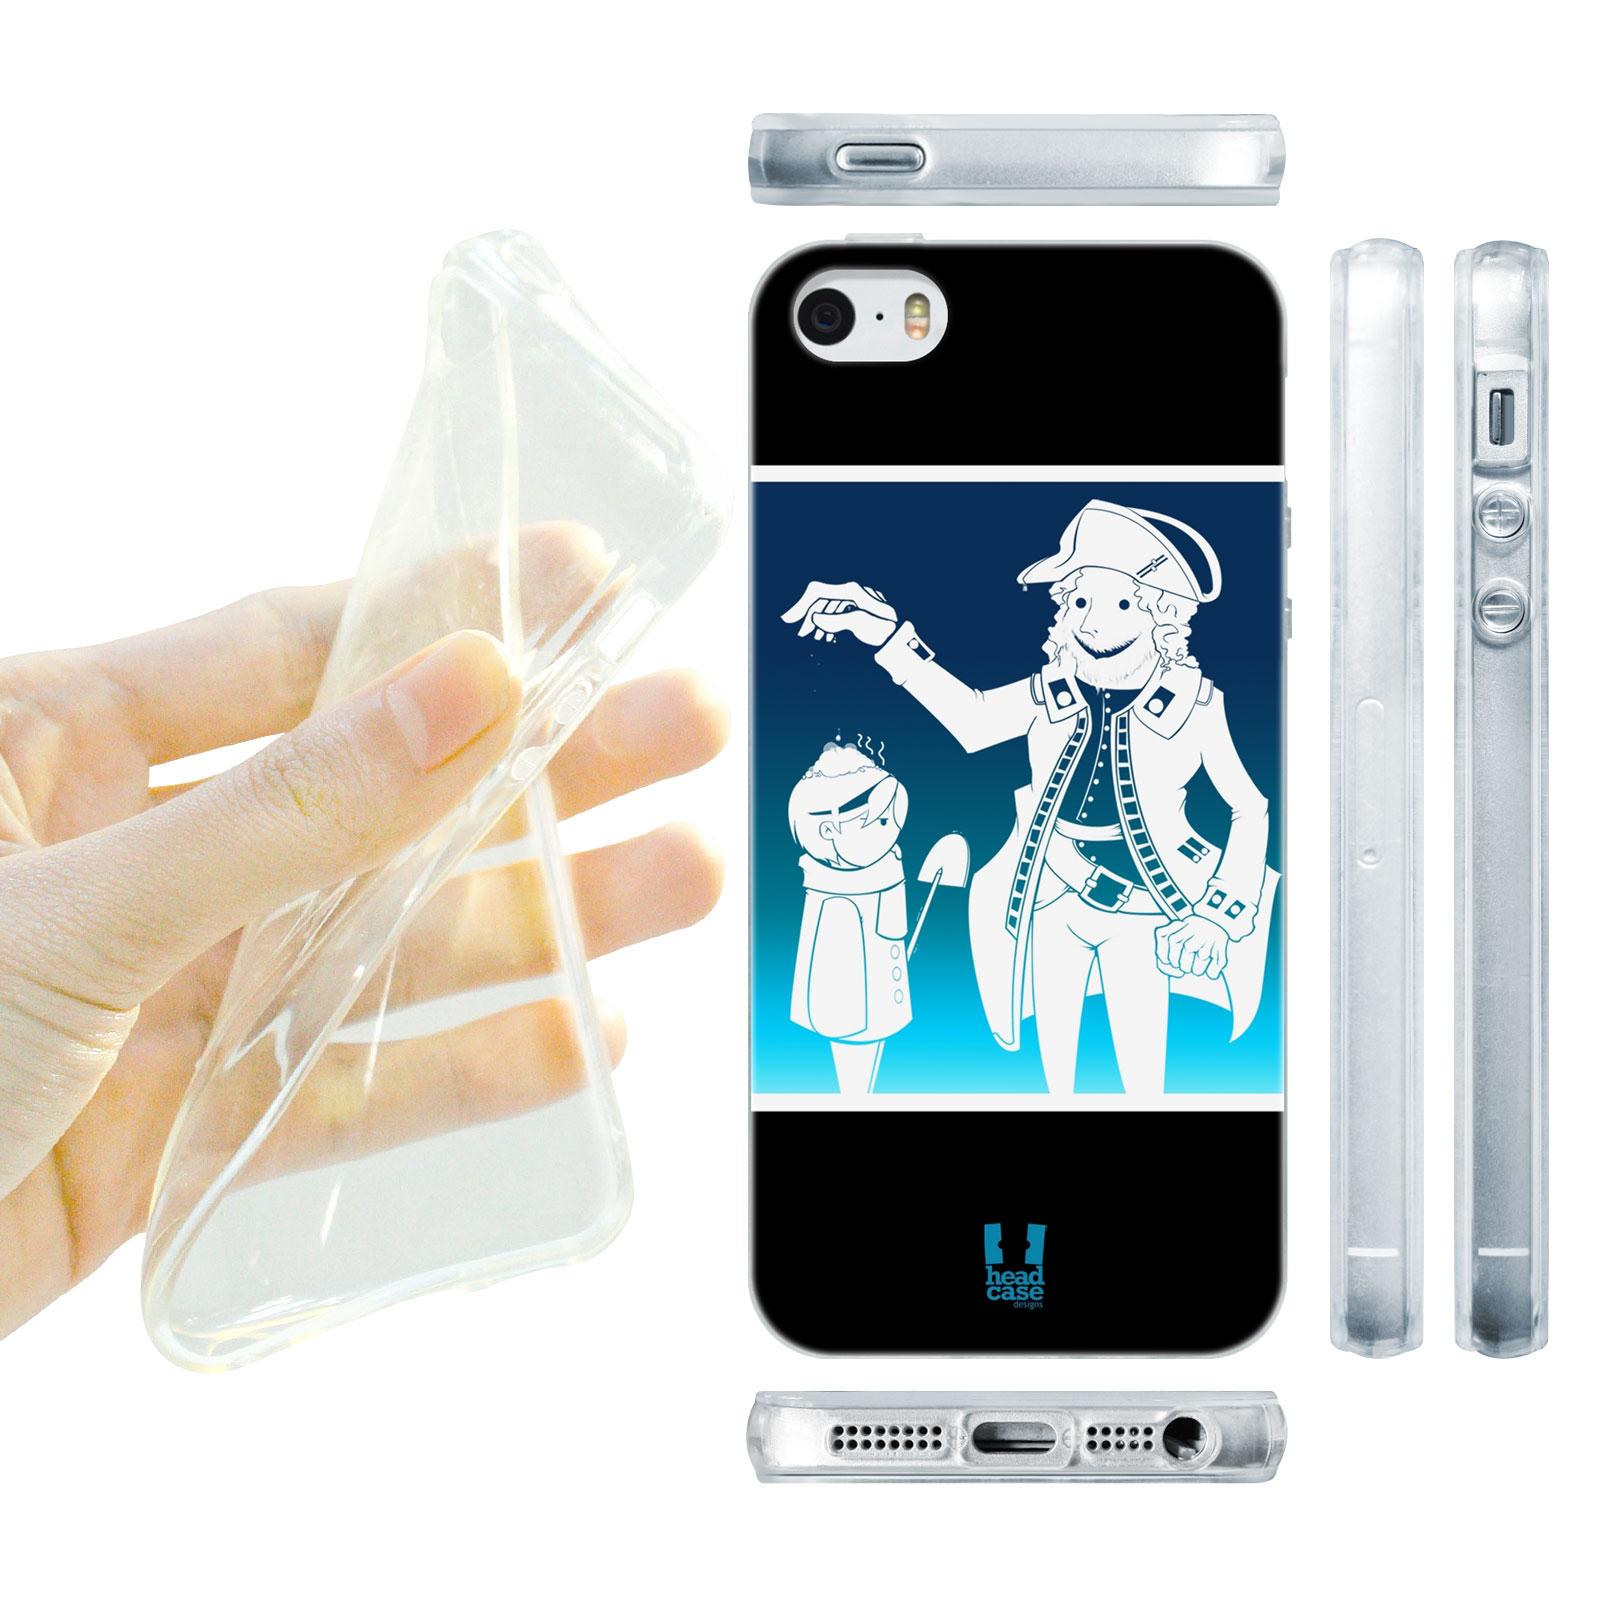 HEAD CASE silikonový obal na mobil Iphone 5/5S Vzor Vánoce Jack Frost